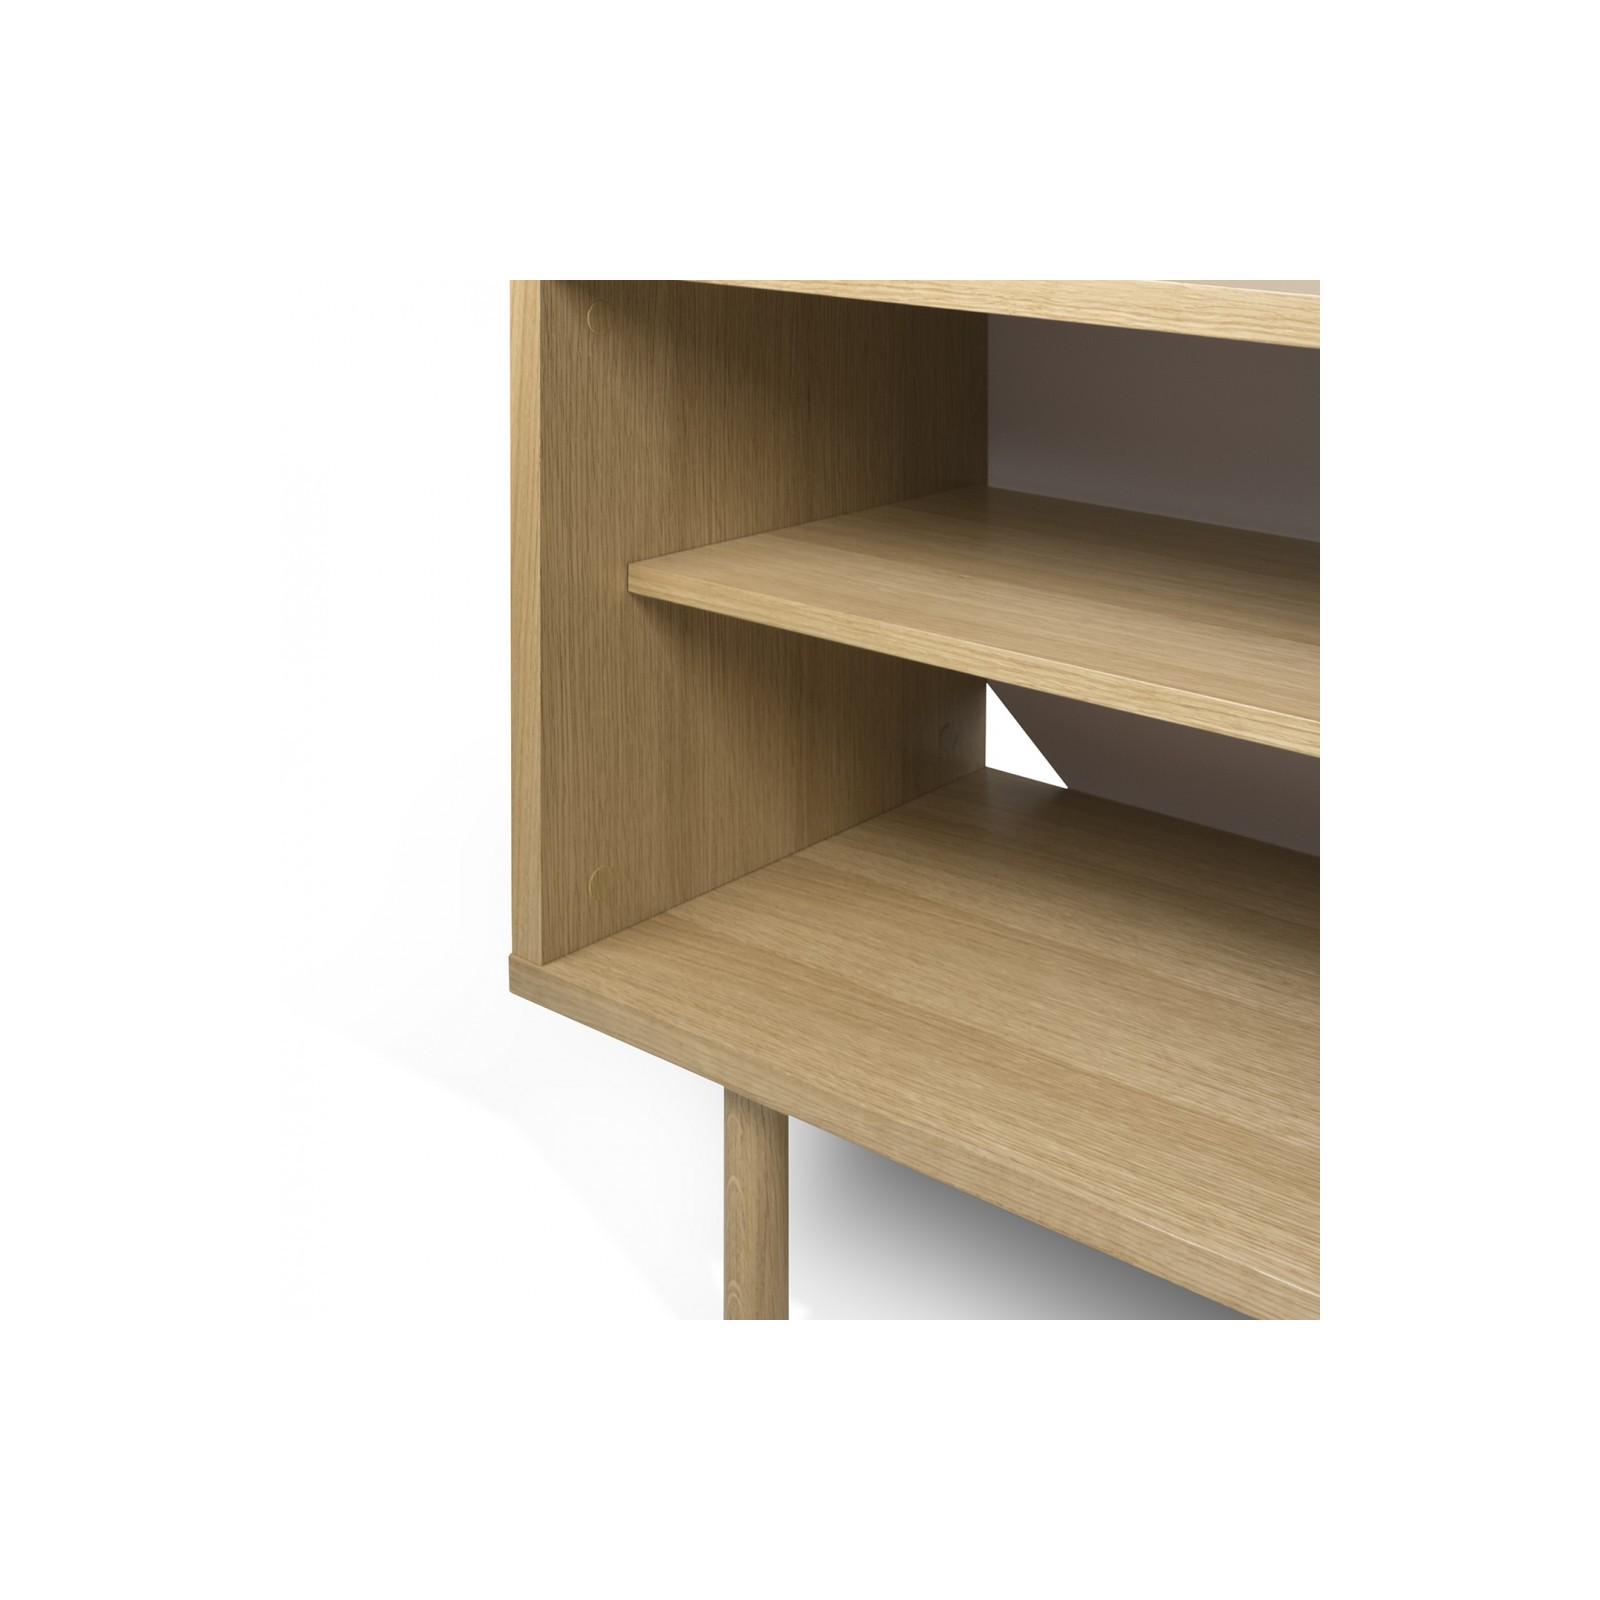 Meuble tv danois blanc et bois arne concept for Meuble tv bois et blanc